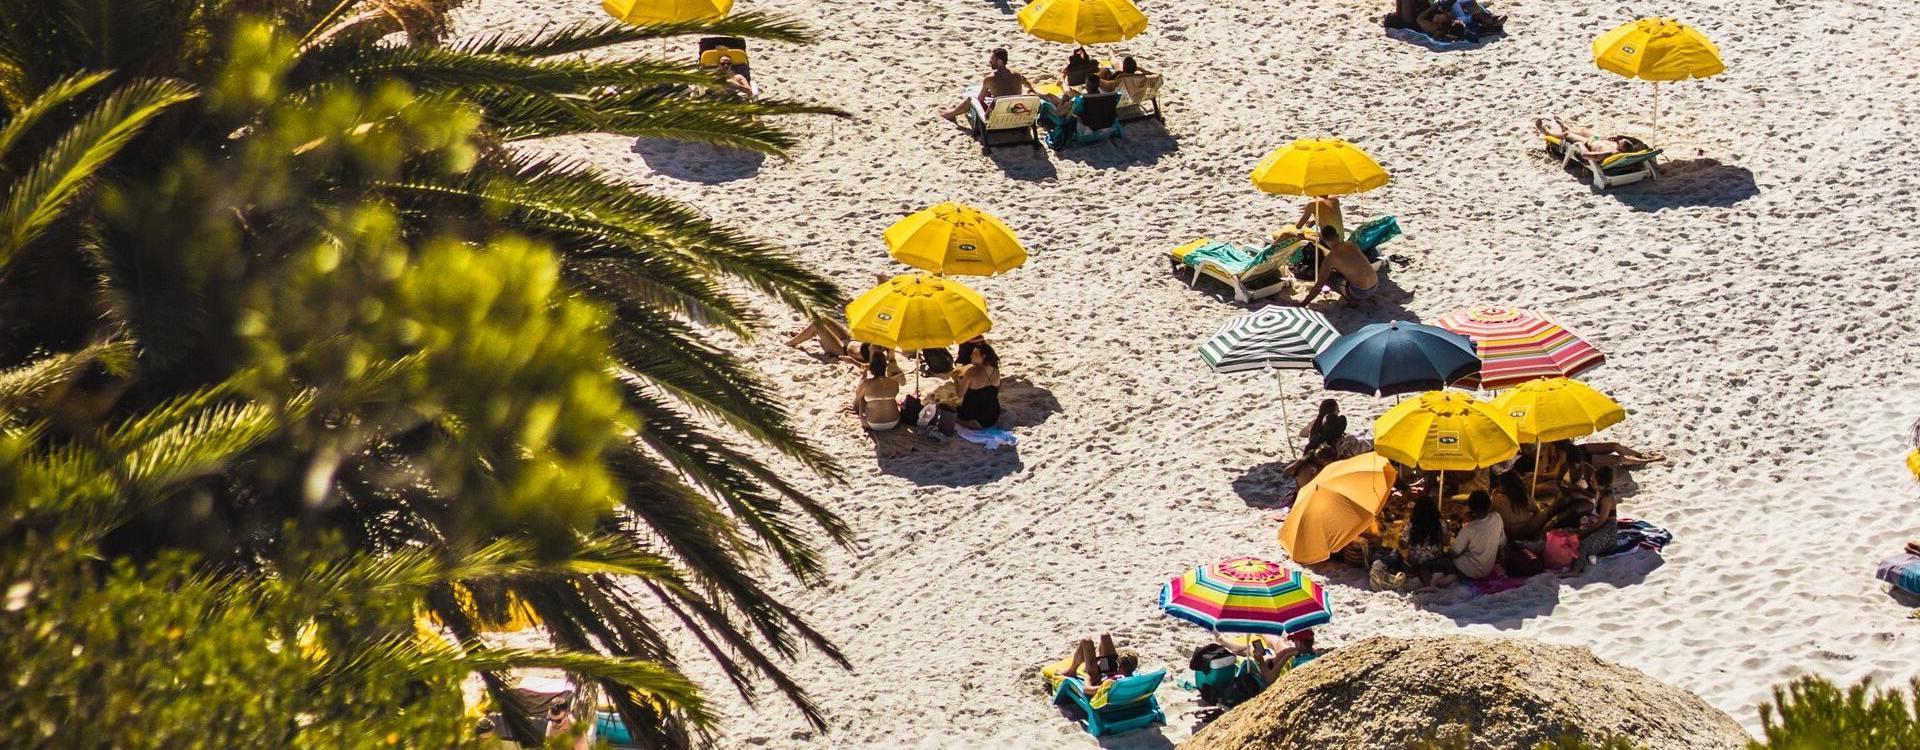 Touristen entspannen am Strand in der Sonne